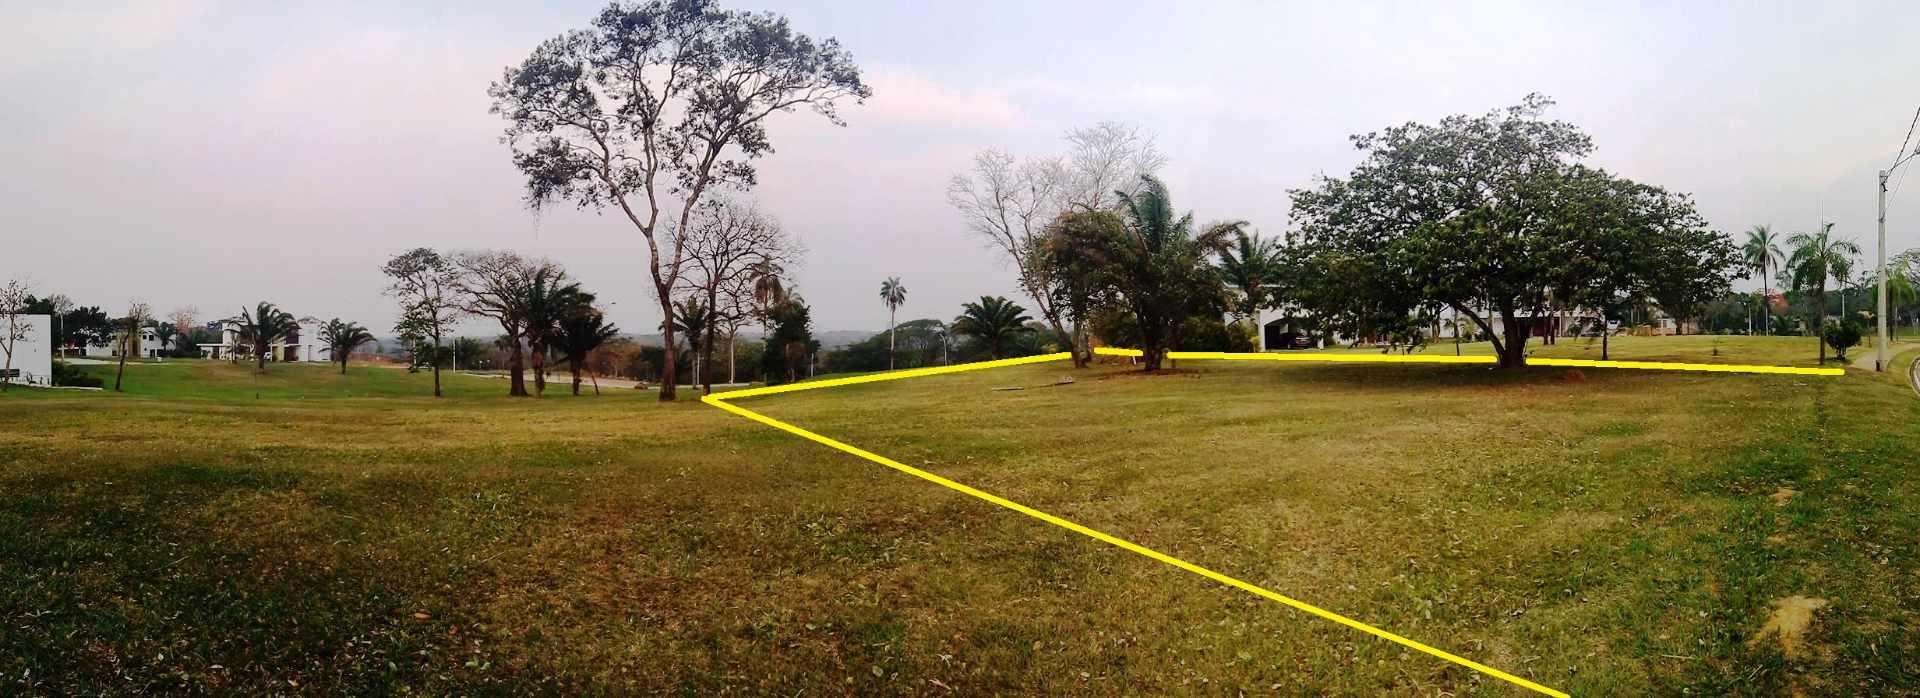 Terreno en Venta CONDOMINIO CERRADO - RIO SIERRA Foto 3